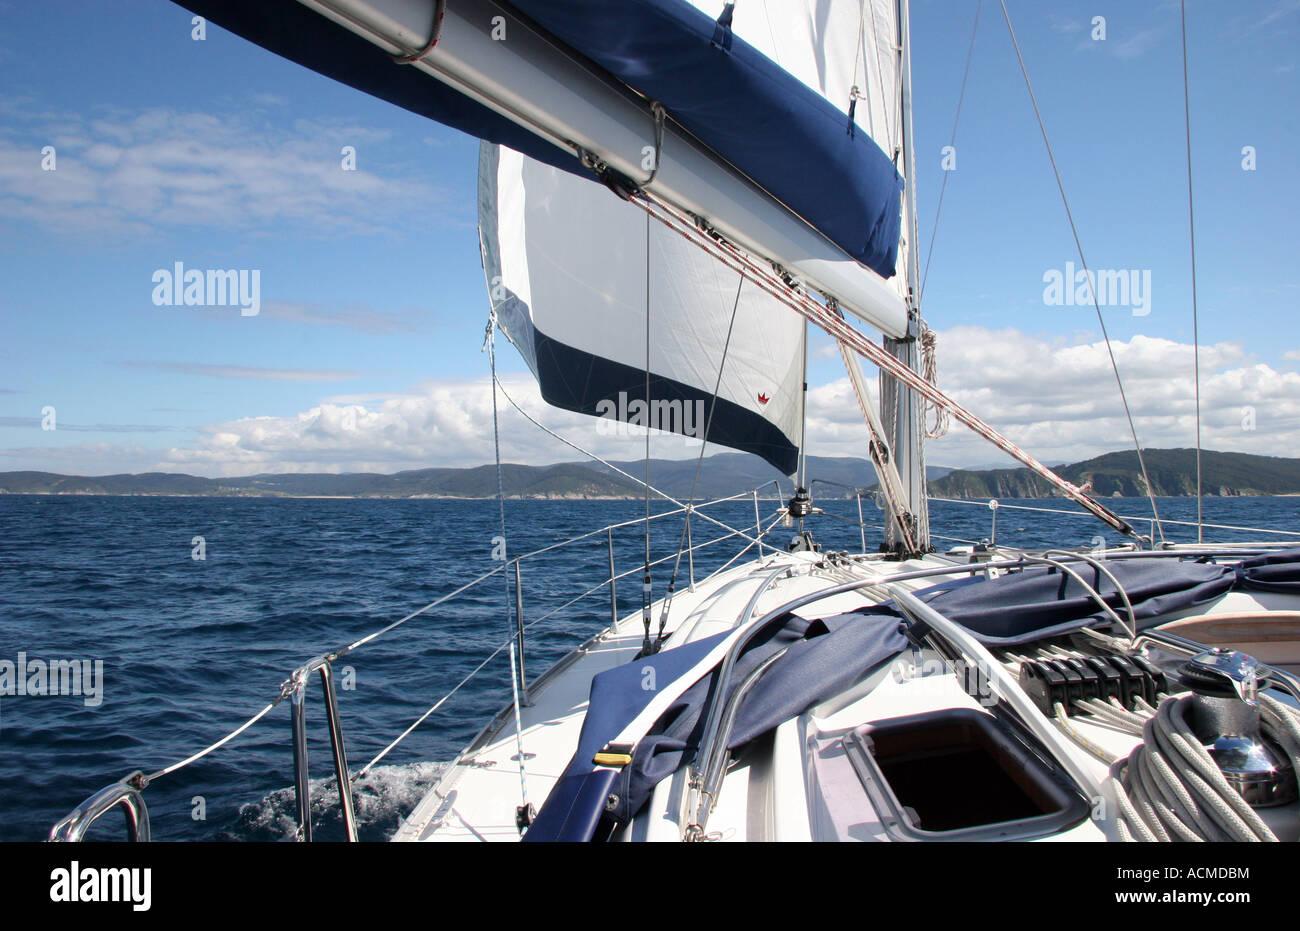 Bavaria yacht - Stock Image